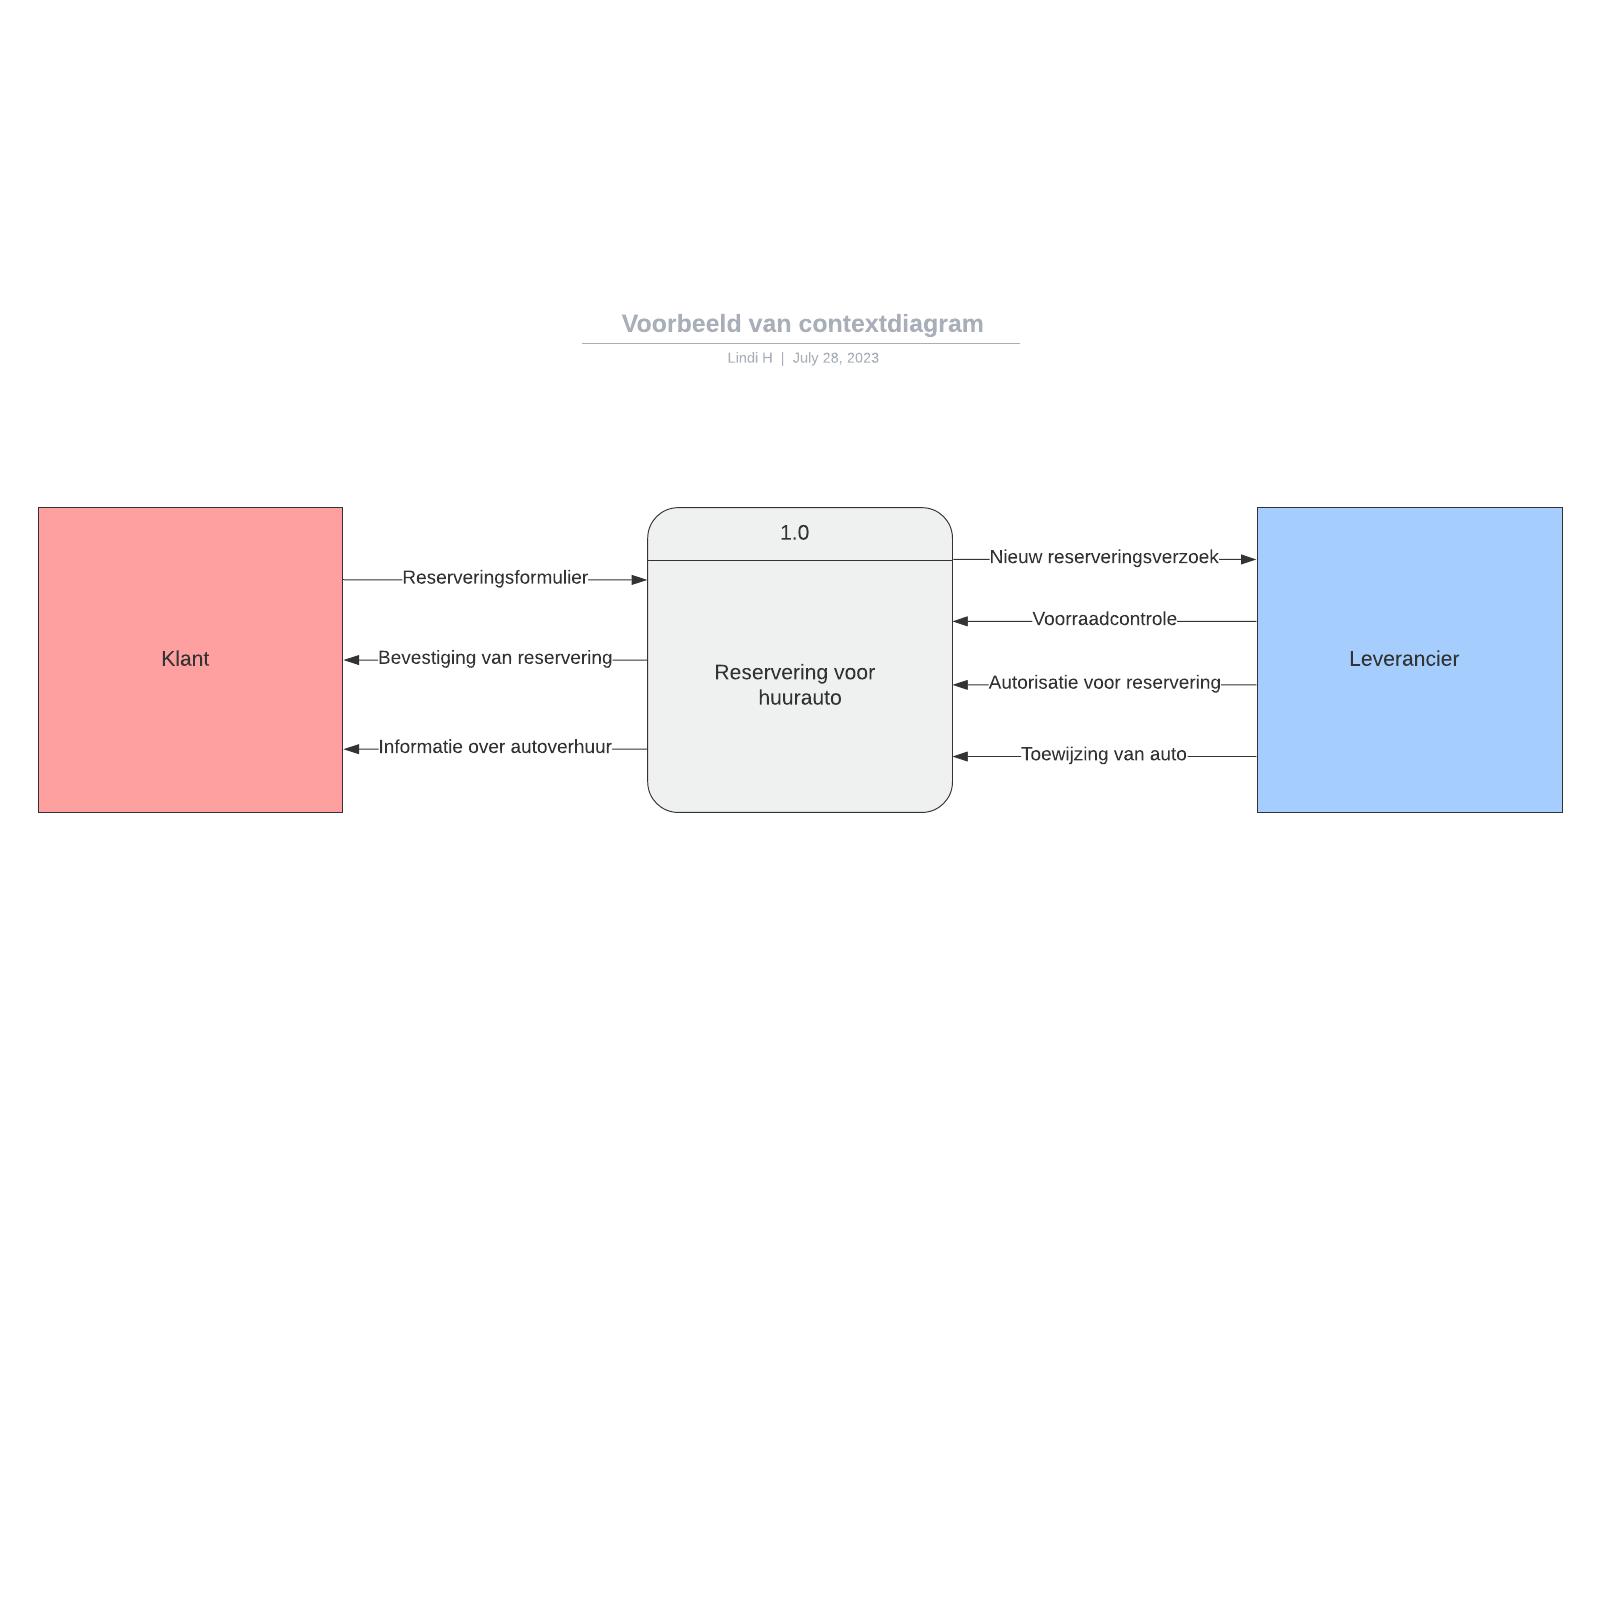 Voorbeeld van contextdiagram